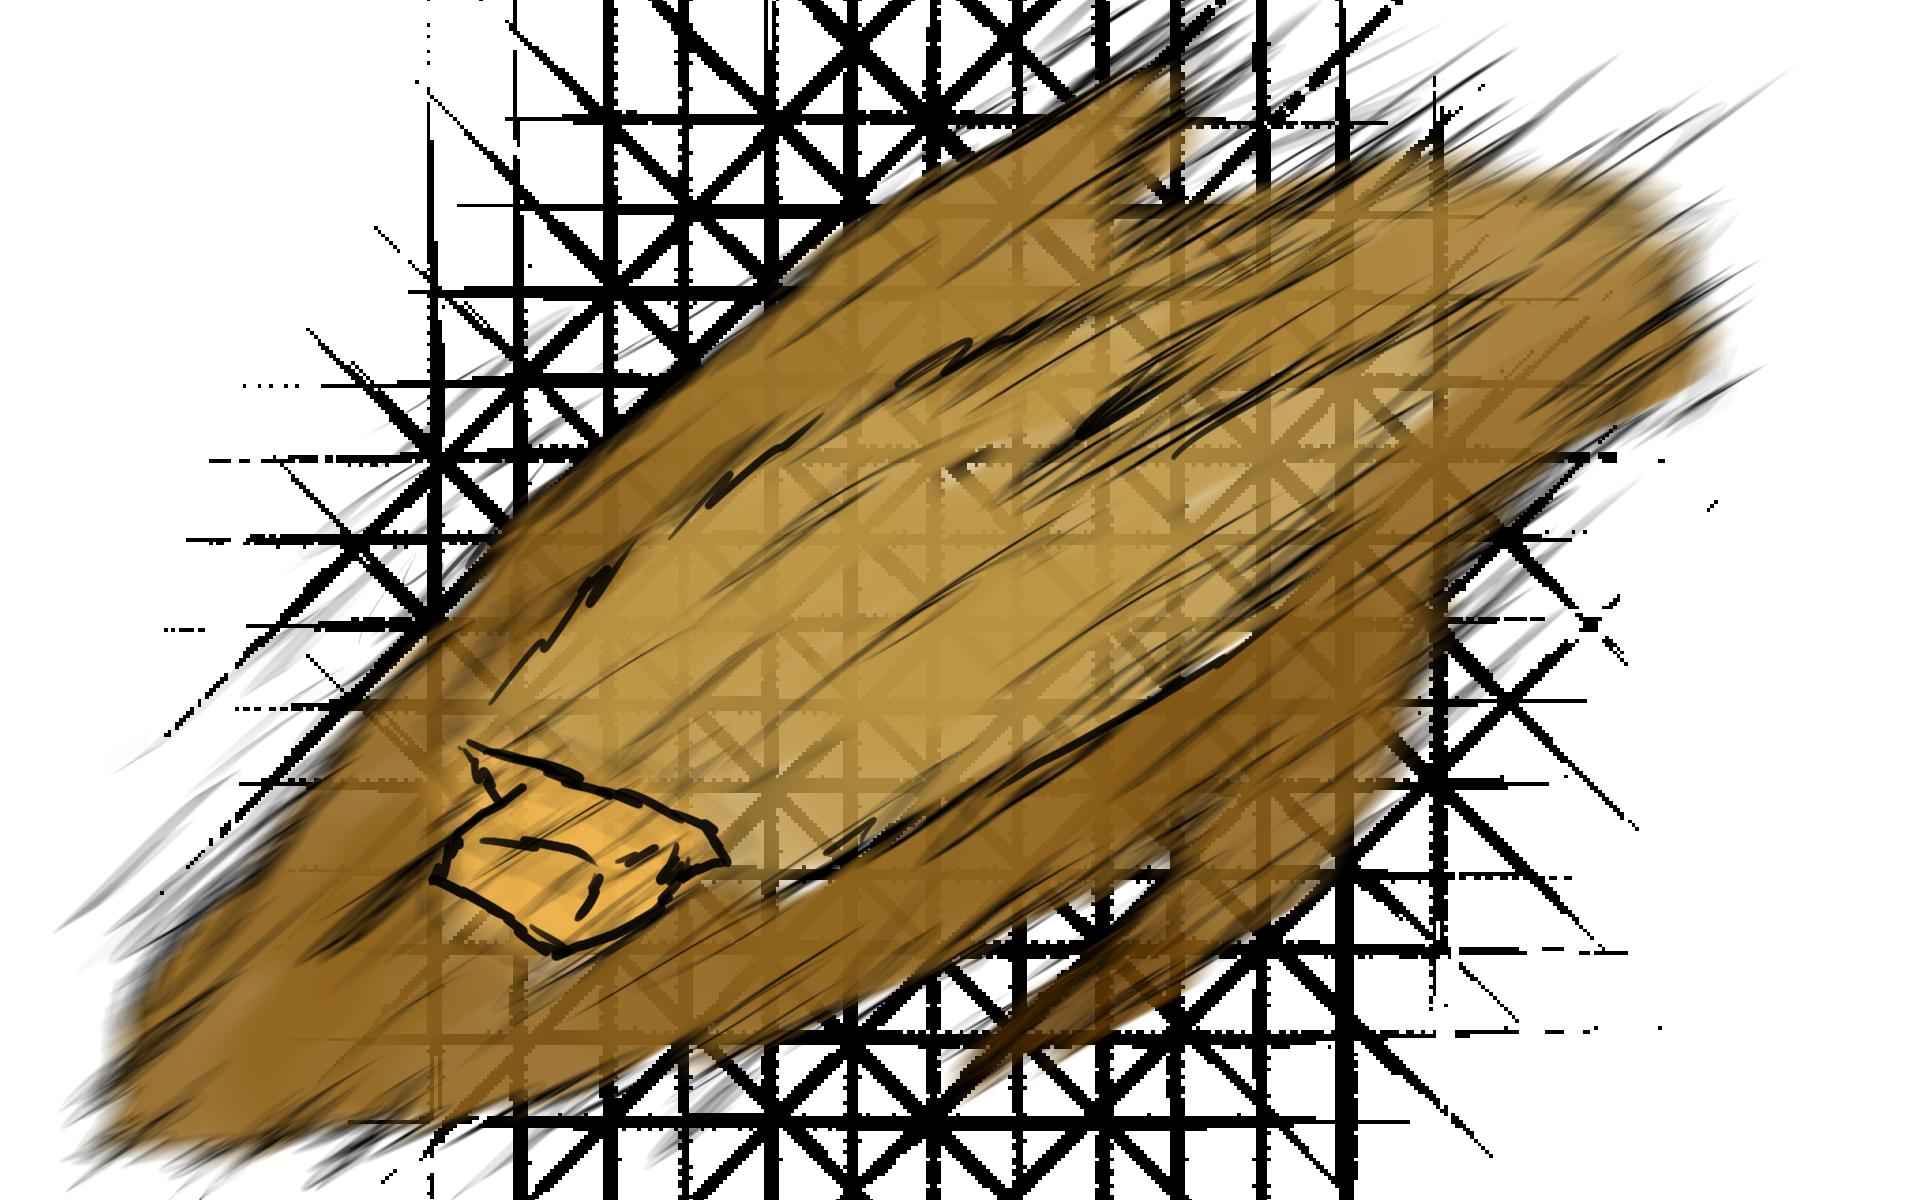 Poodingan Shuriken